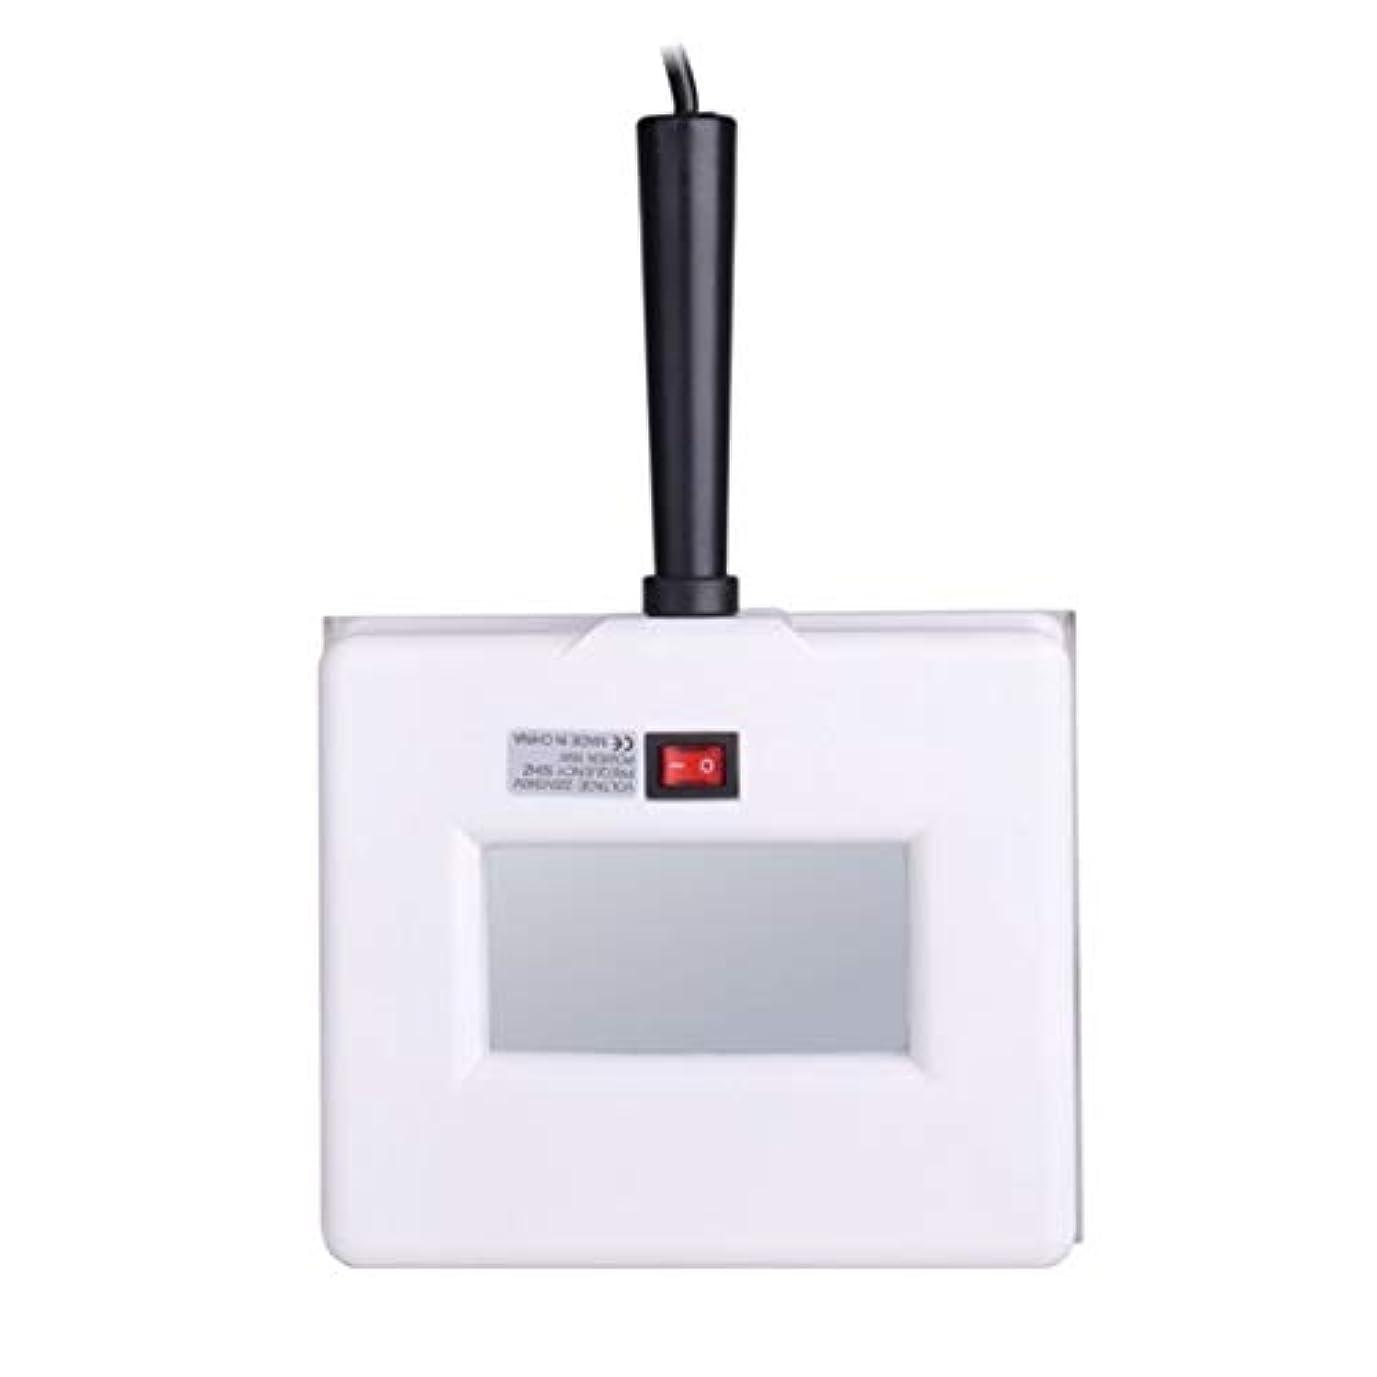 累計メタルラインヒロインIntercoreyランプスキンケアUVスキンテストライトウッドランプスキンアナライザープロウッドランプUV拡大美容フェイシャルデバイス